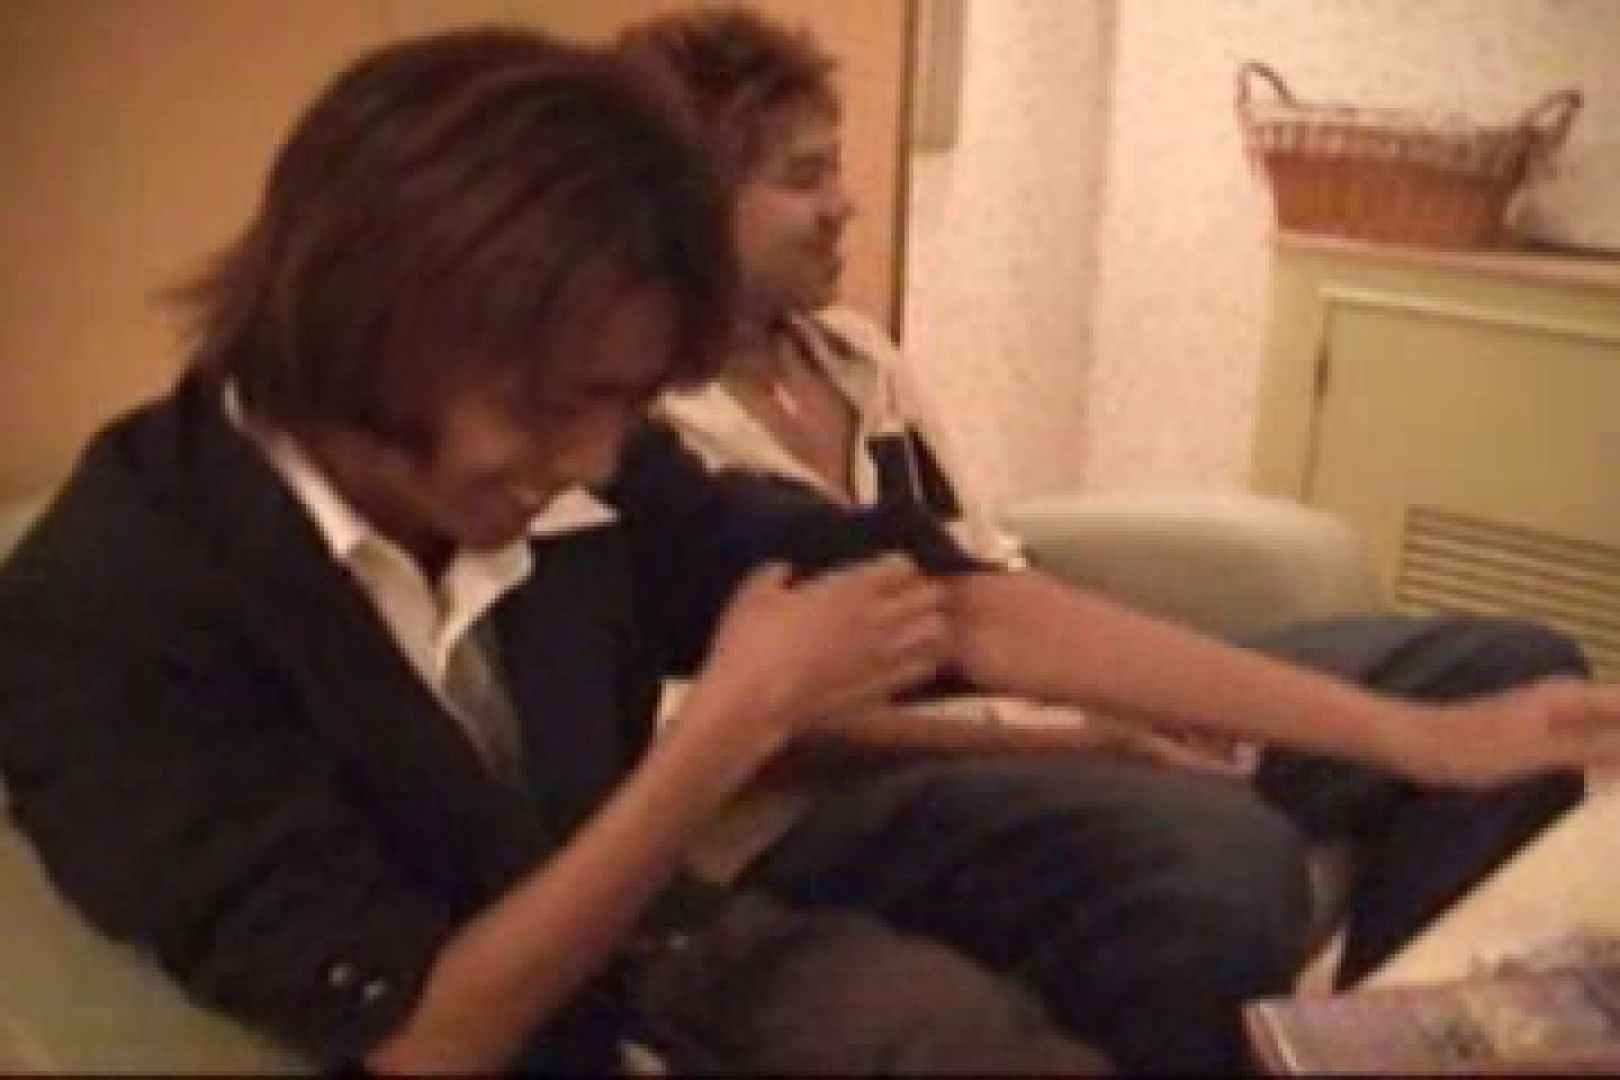 【流出】ジャニ系イケメン!!フライング&アナルが痛くて出来ません!! アナル責め ゲイ無料エロ画像 83枚 66